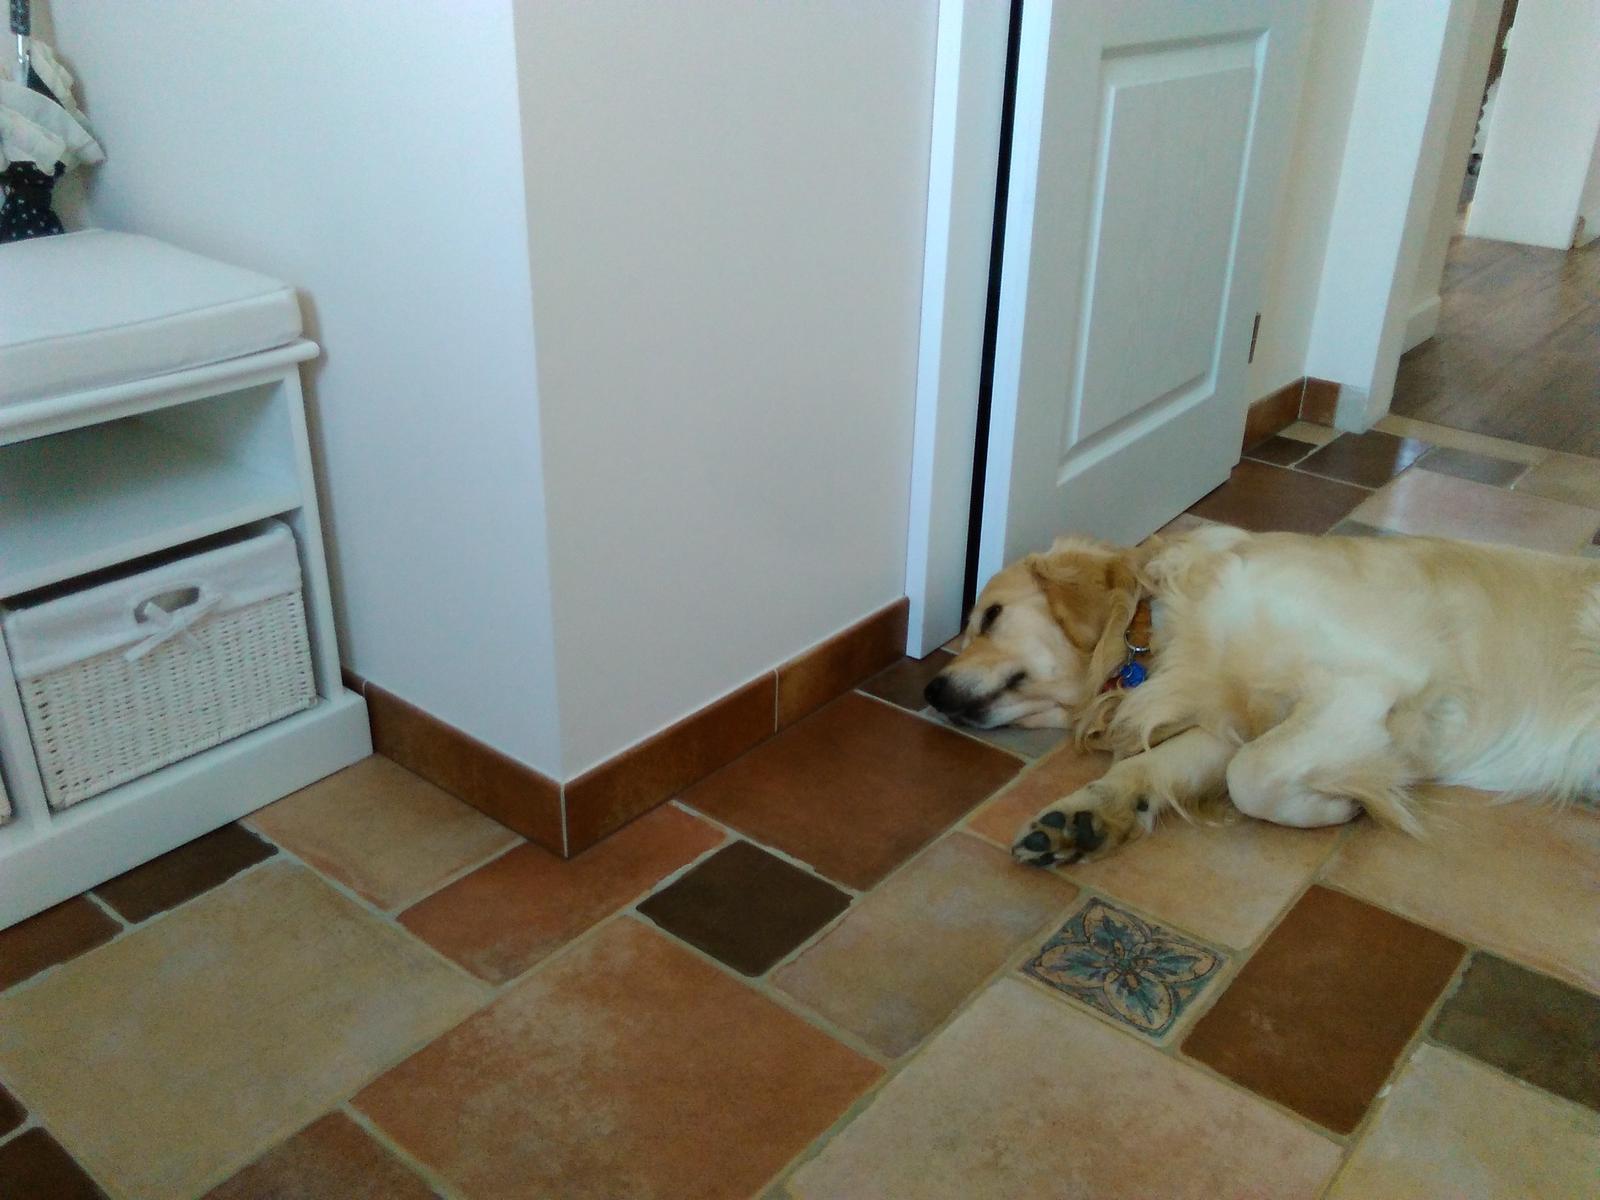 Náš nový domov-už bývame :-) - takto si lebedi celý deň